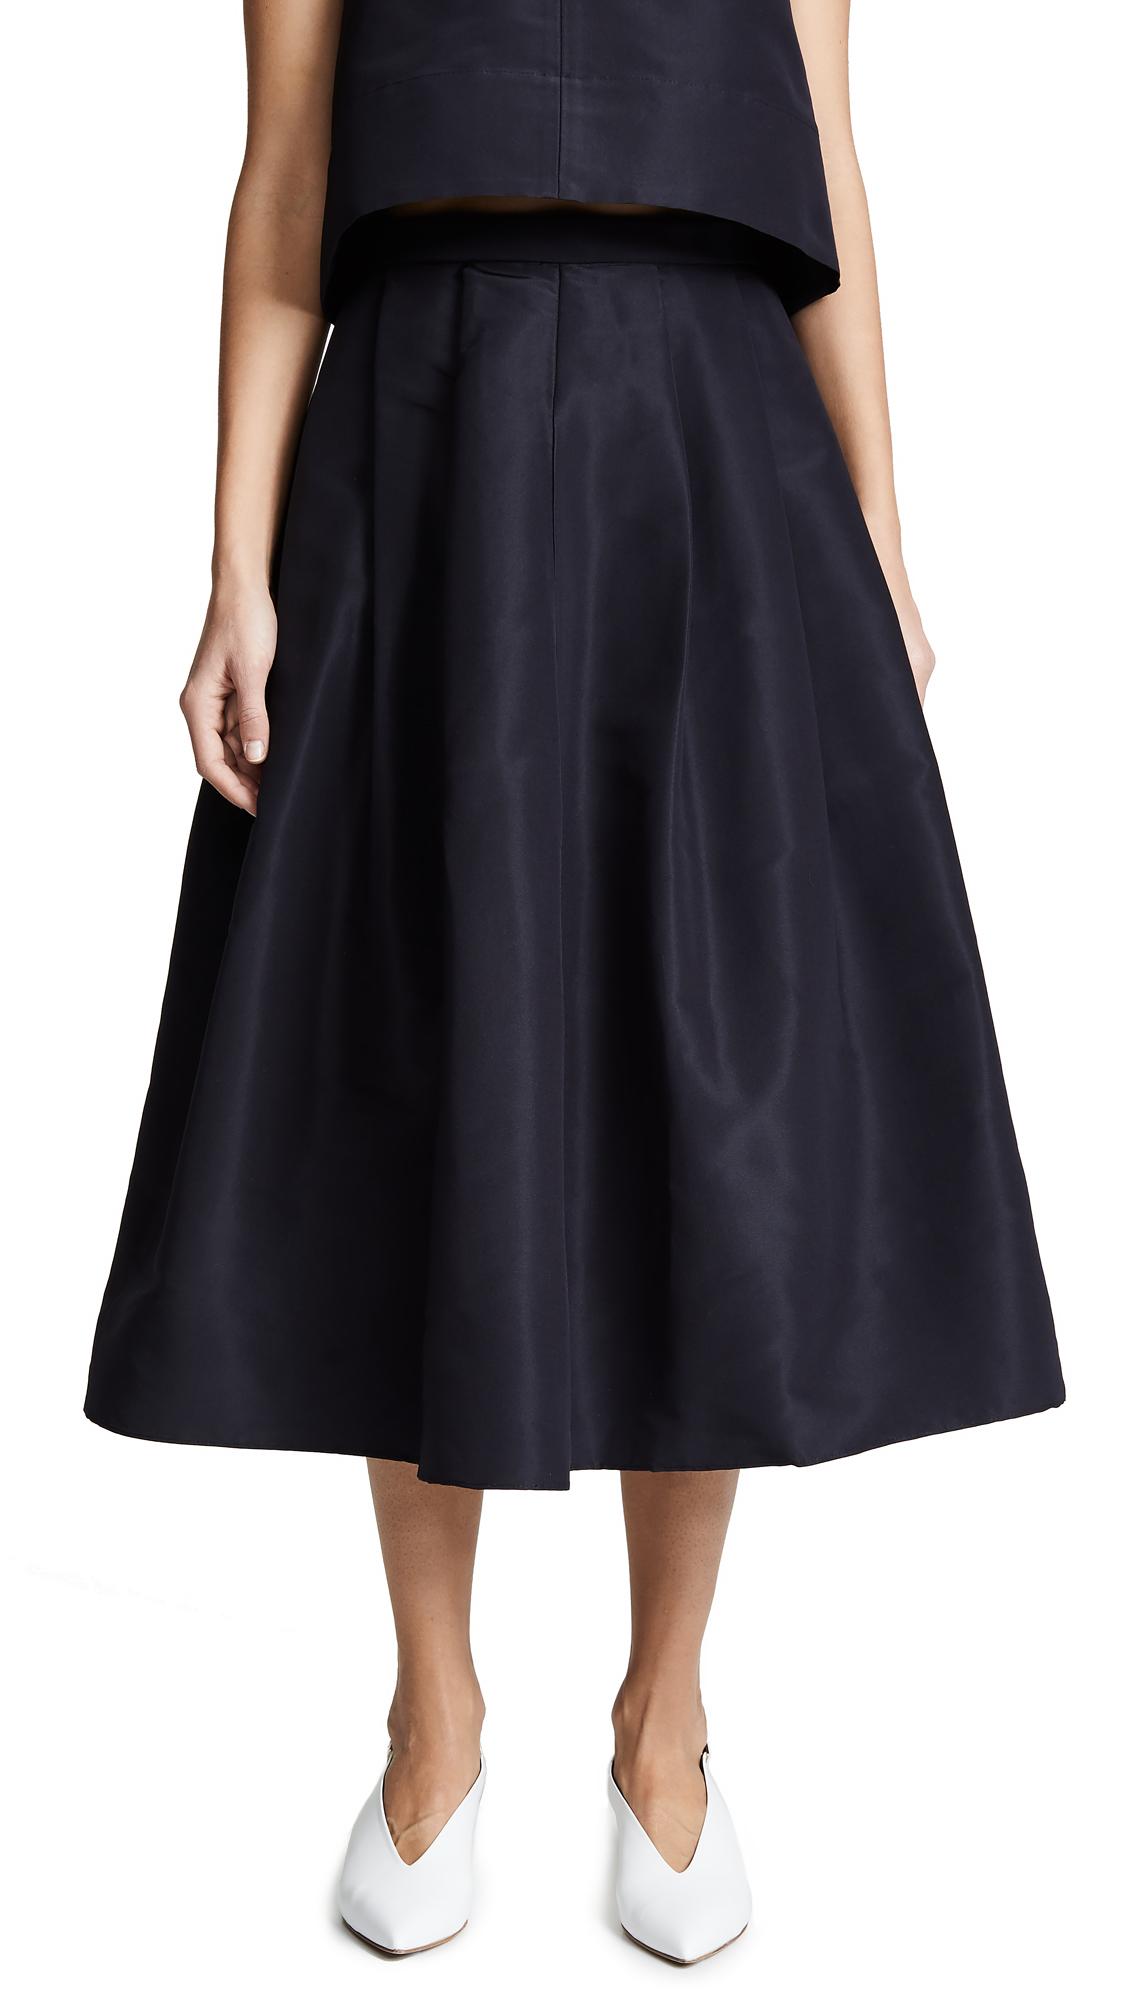 Tibi Full Skirt - Dark Navy